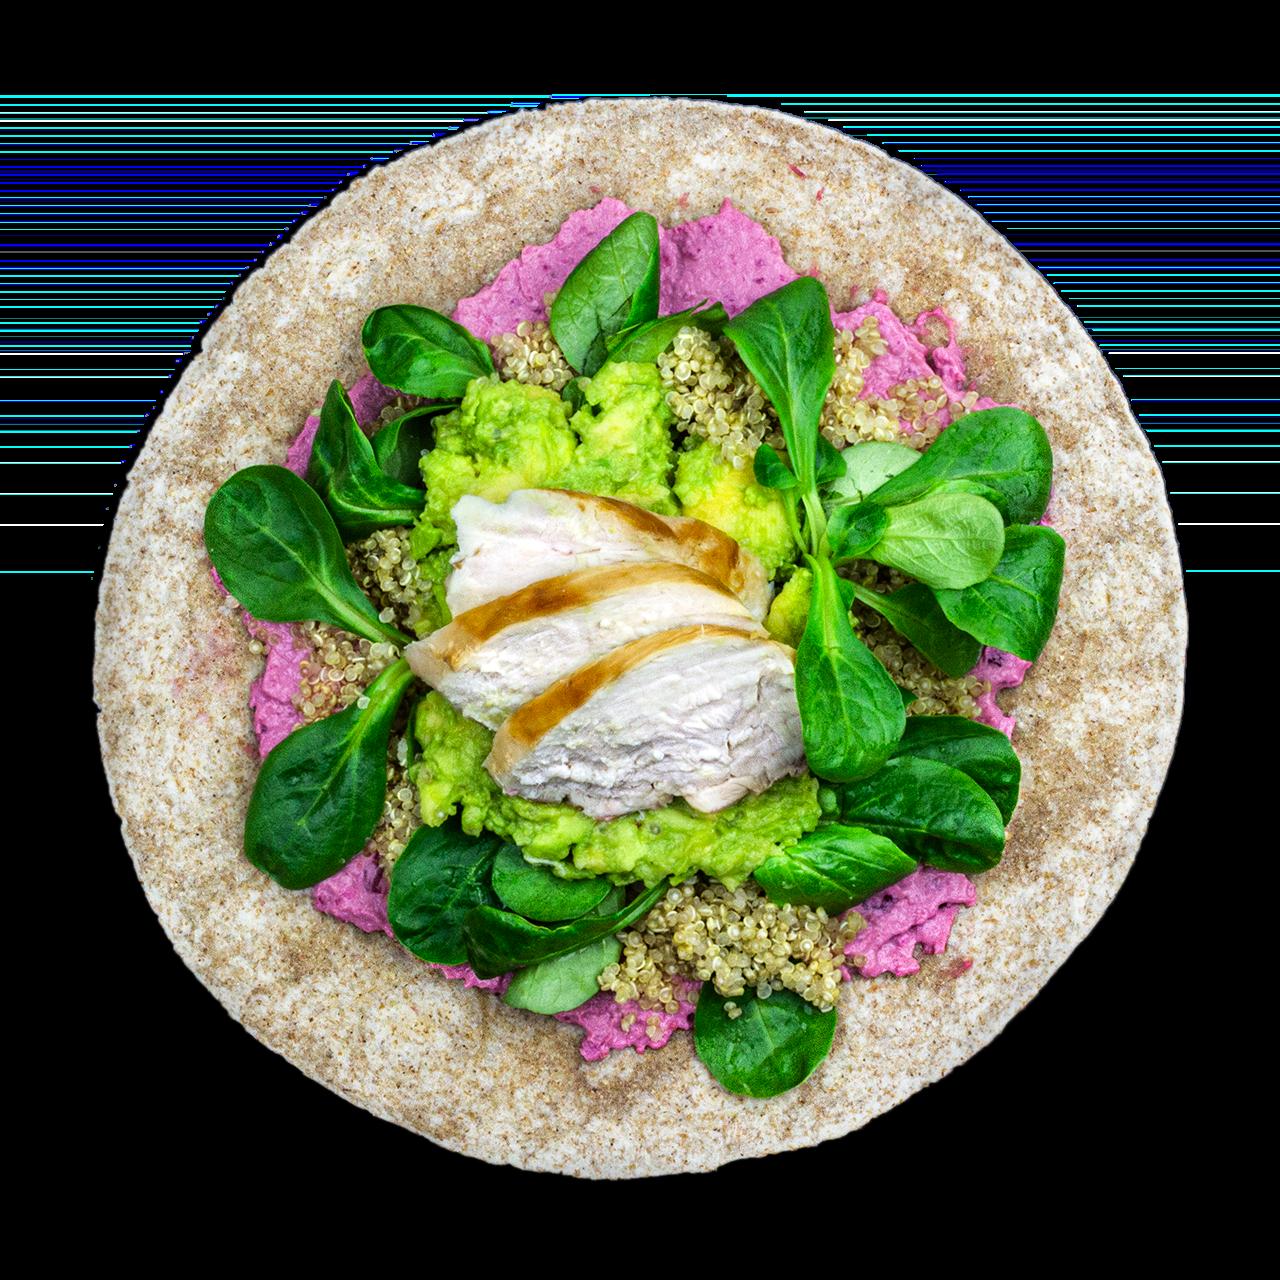 tostibanaan-rodebieten-hummus-quinoa-kip-avocado